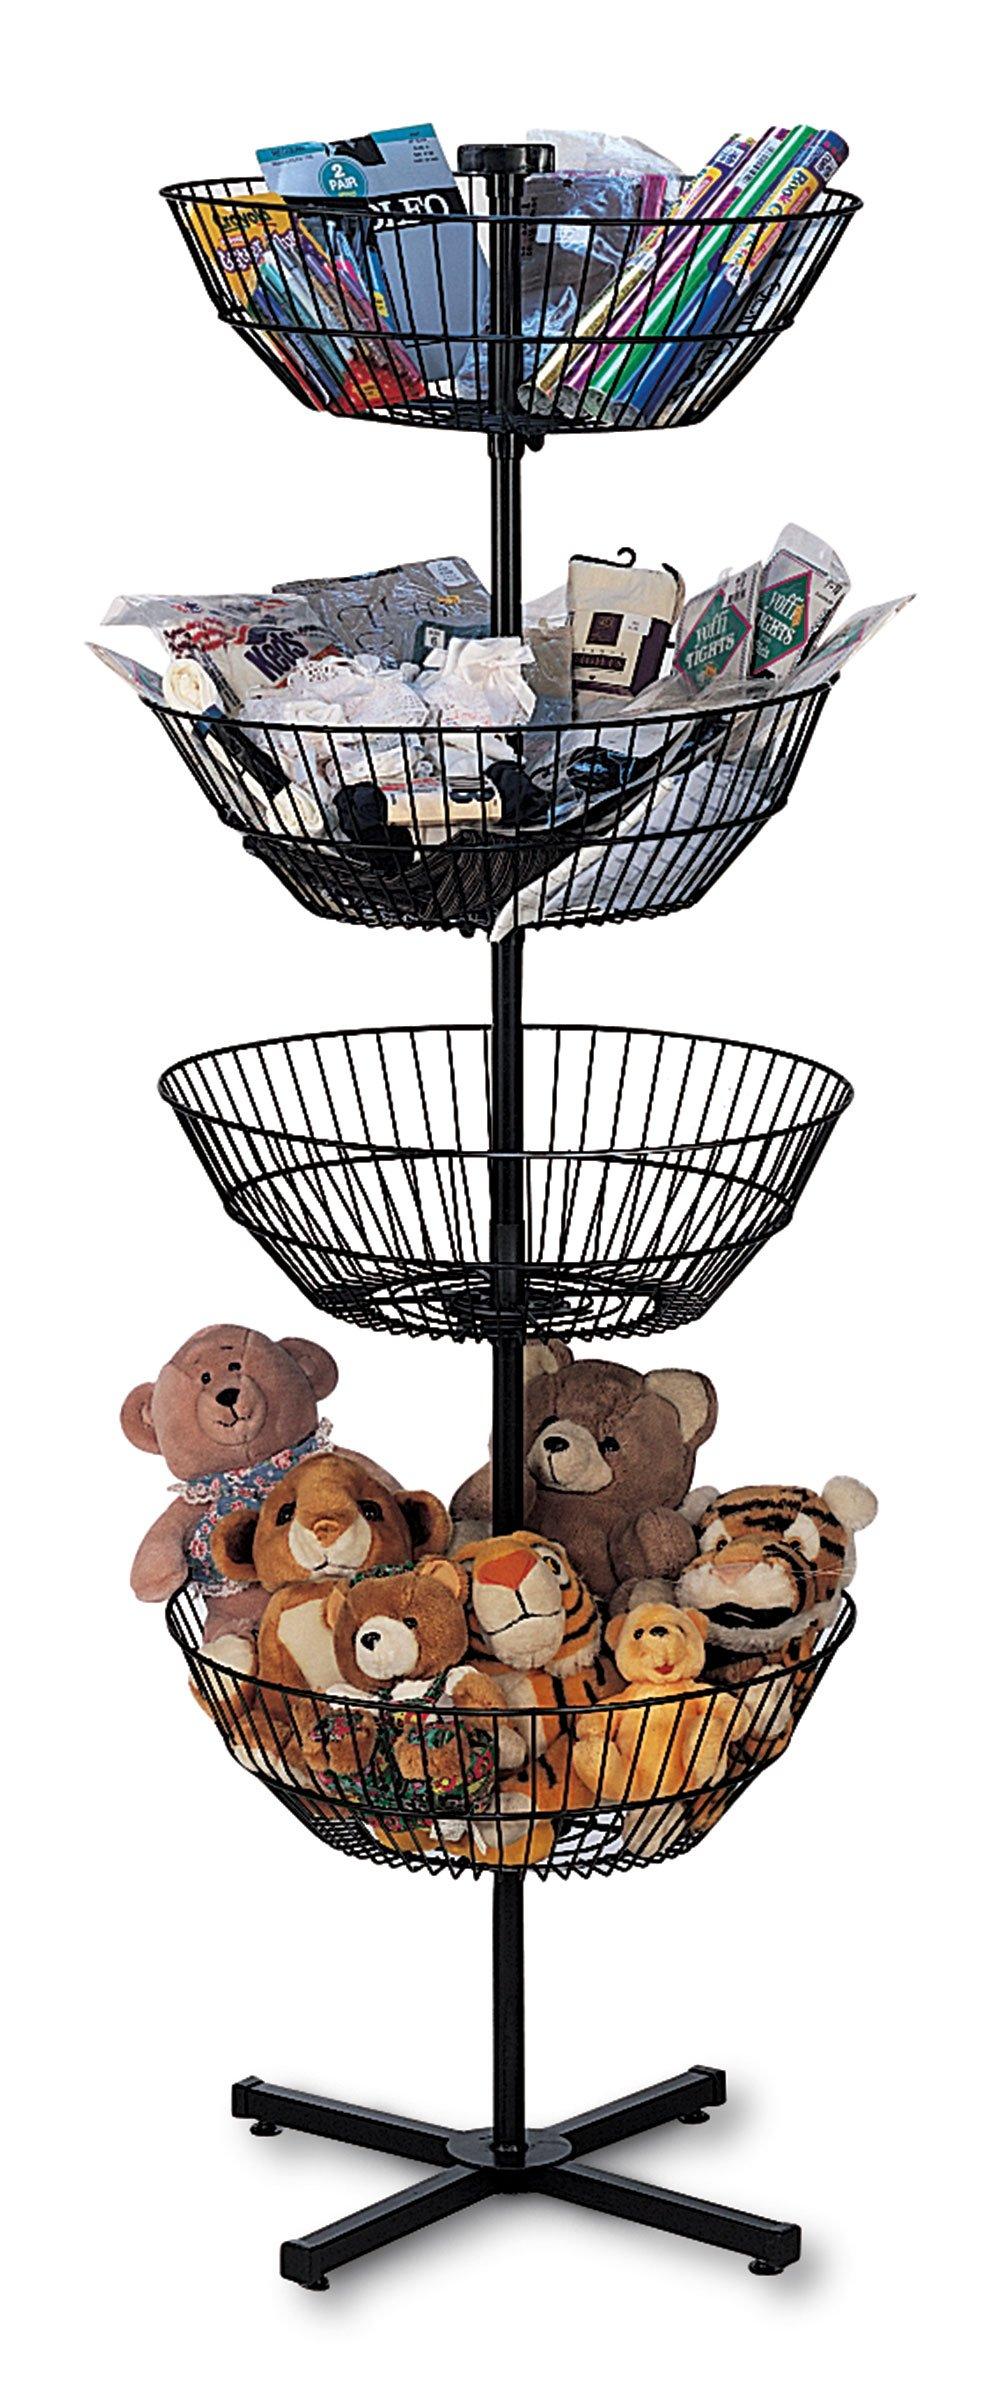 4-Basket Spinner Rack and Dump Bin (Includes Sign Holder)